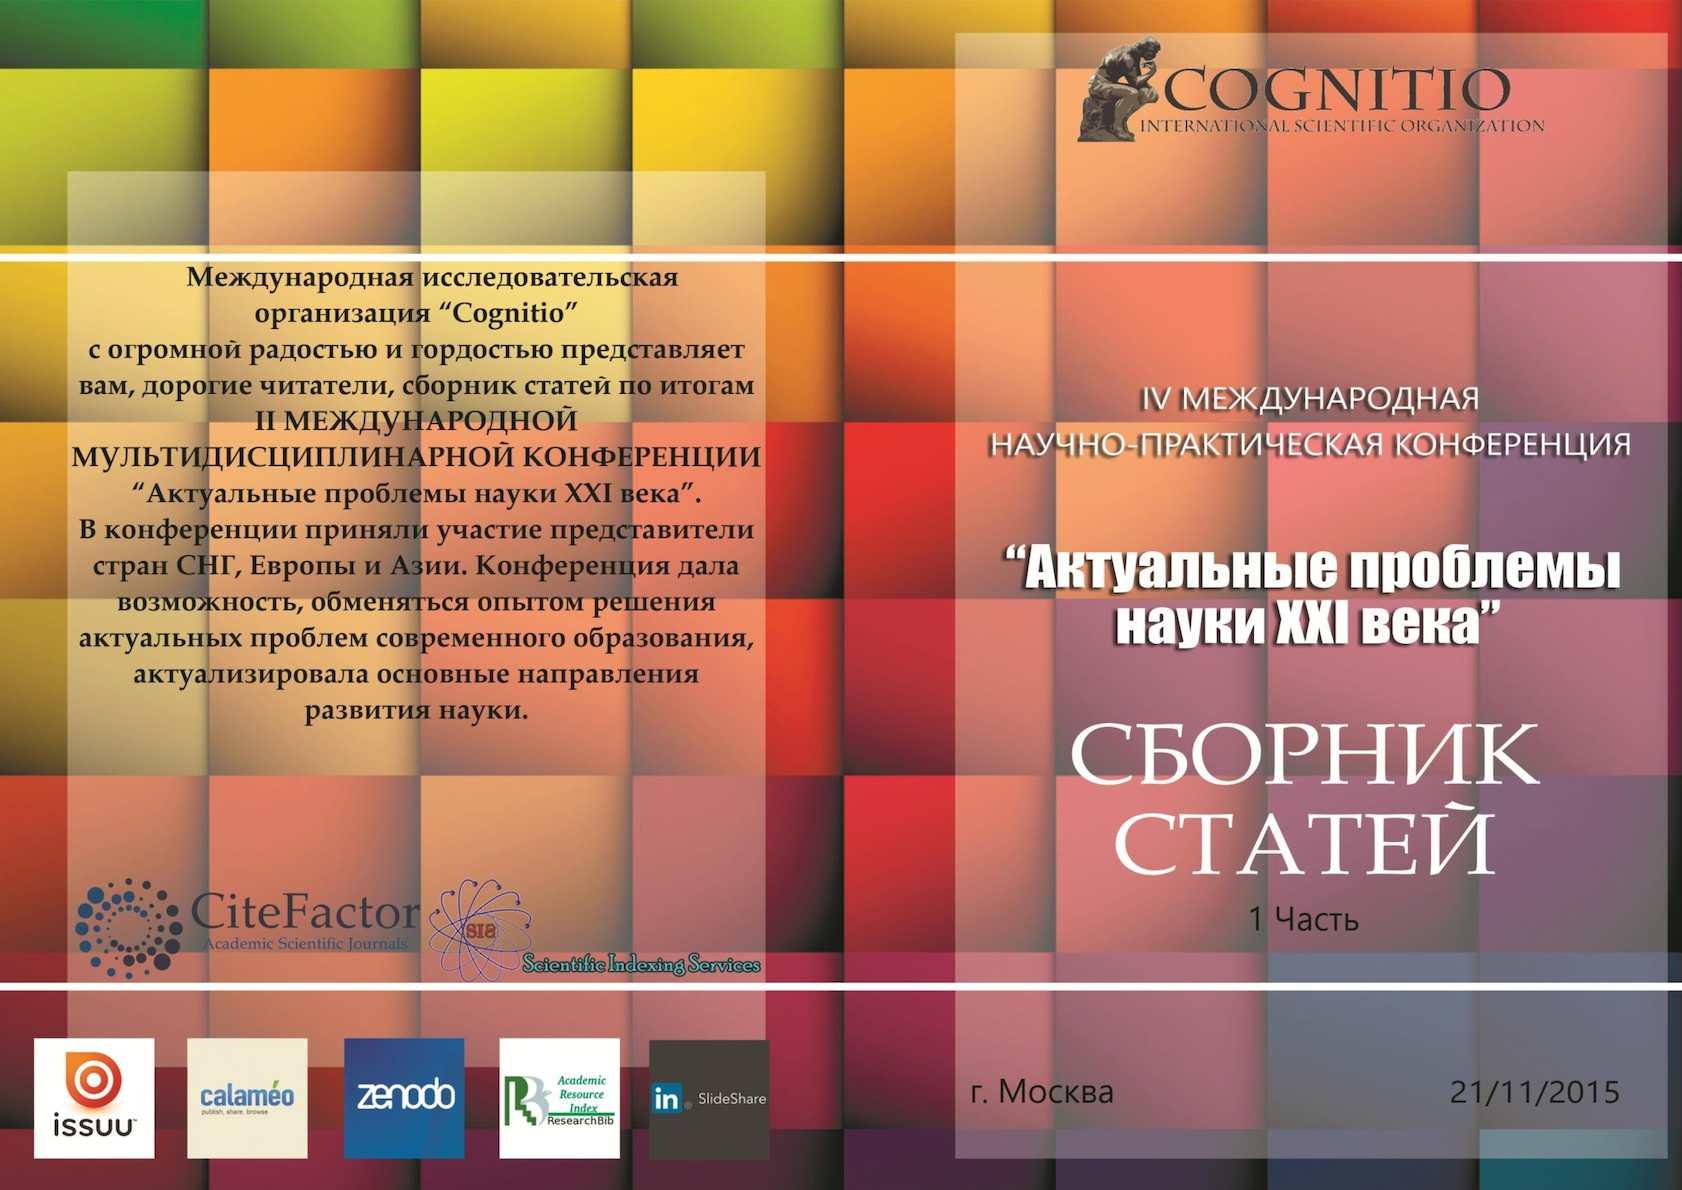 Купить билеты на самолет из иркутска в москву